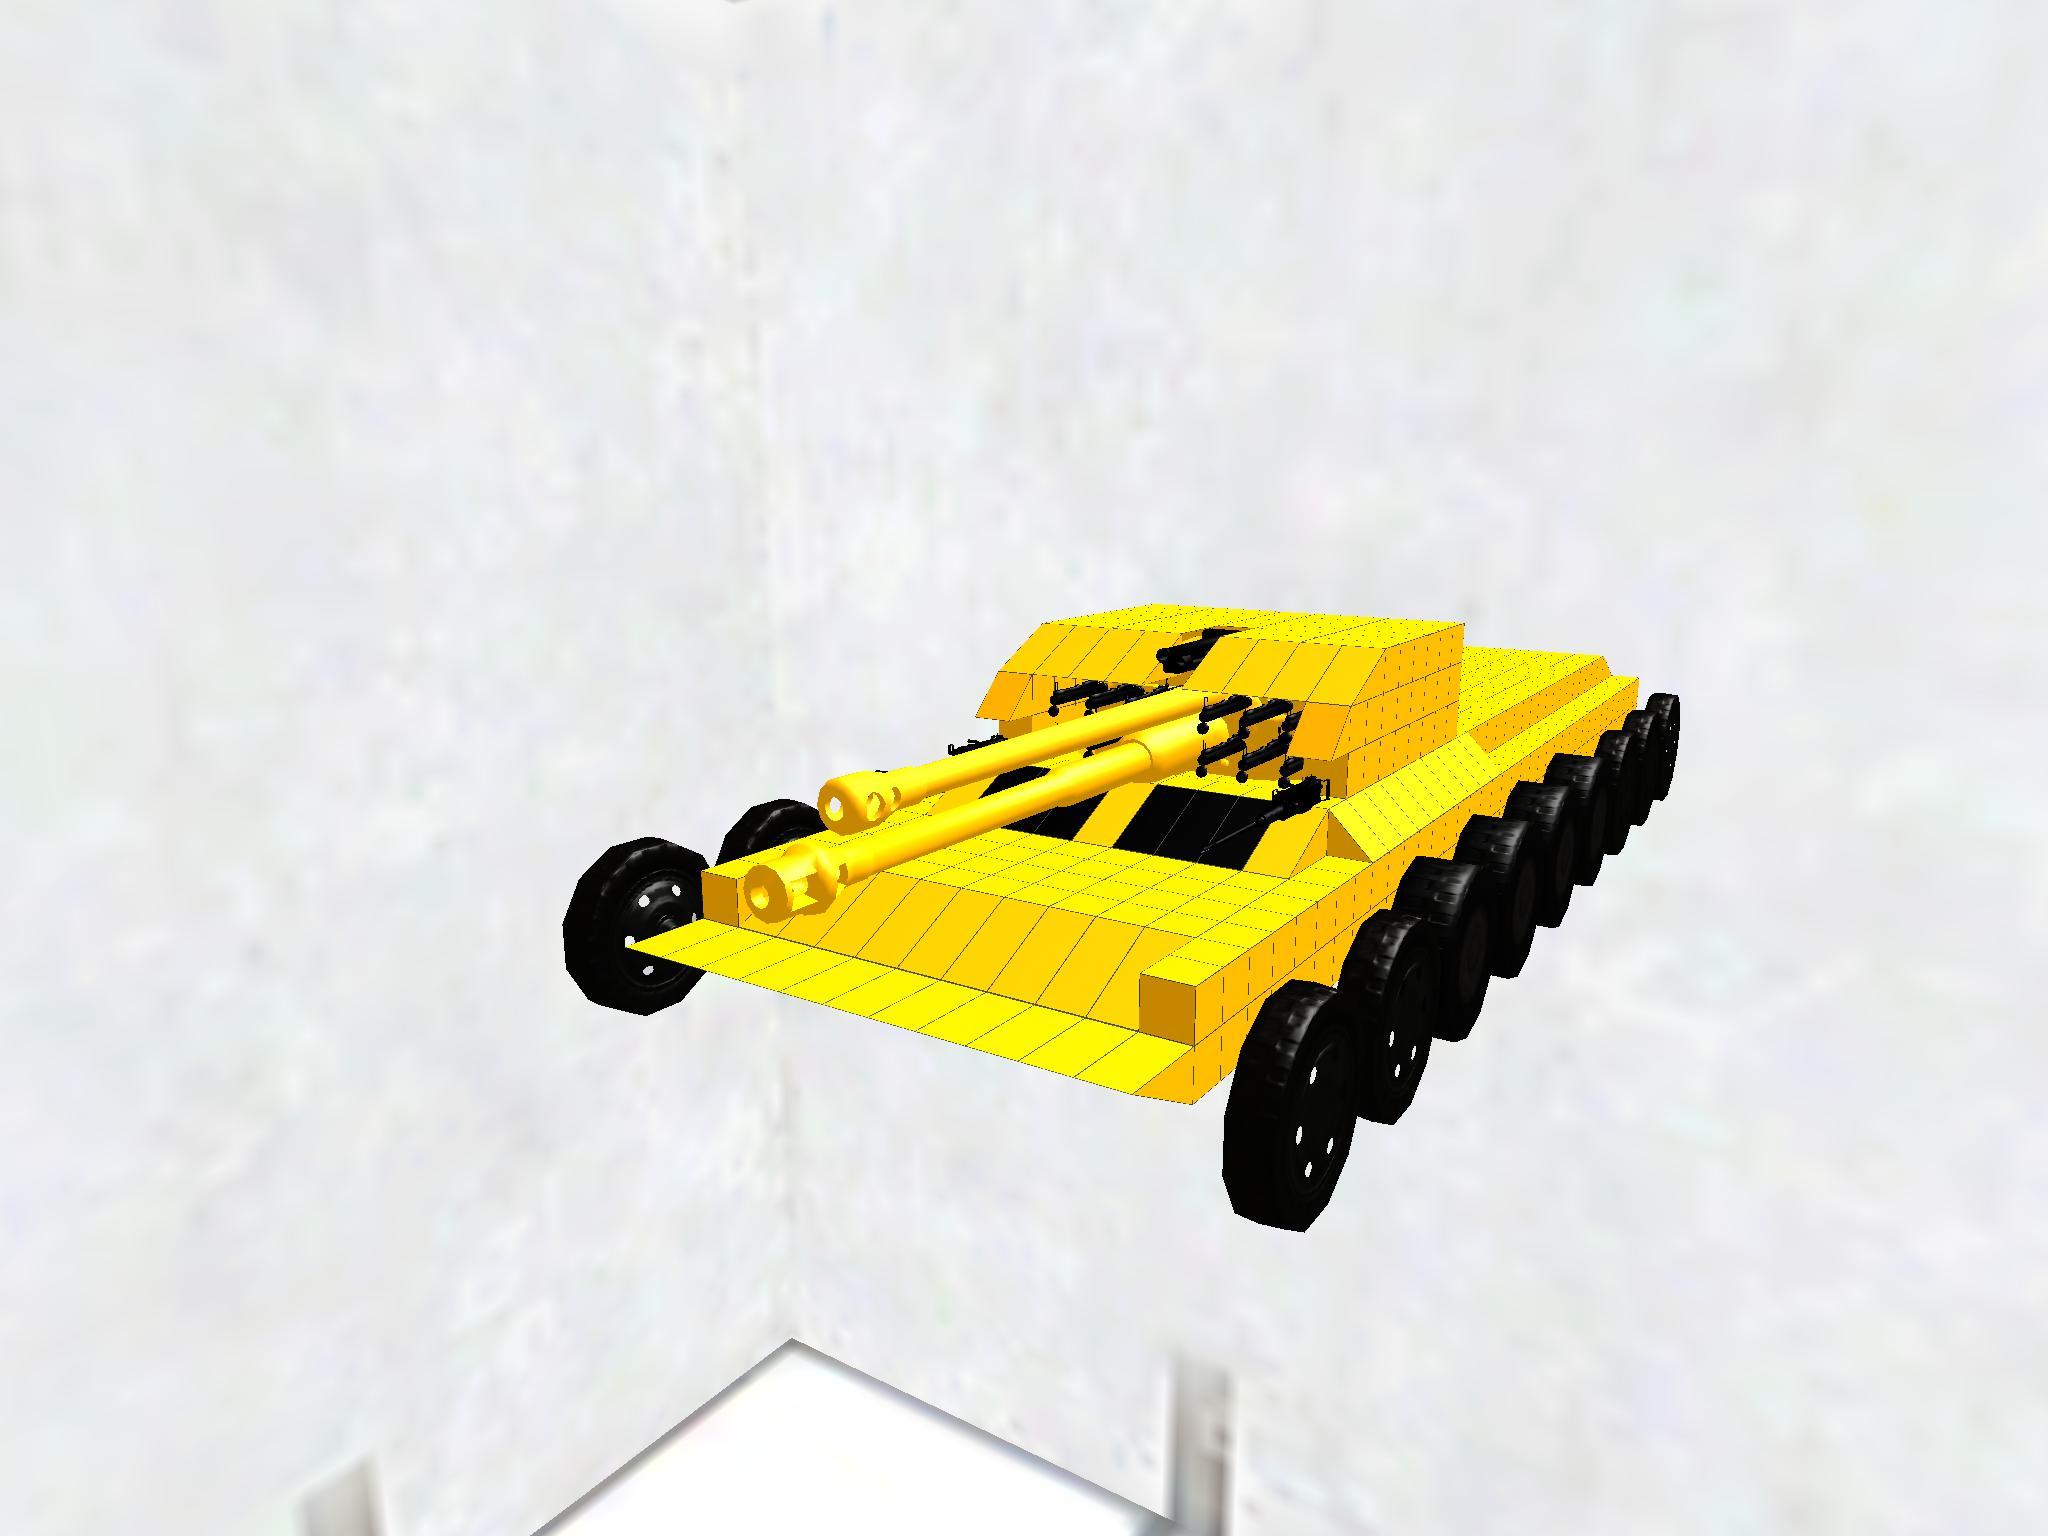 Voltic X 8000 10x10